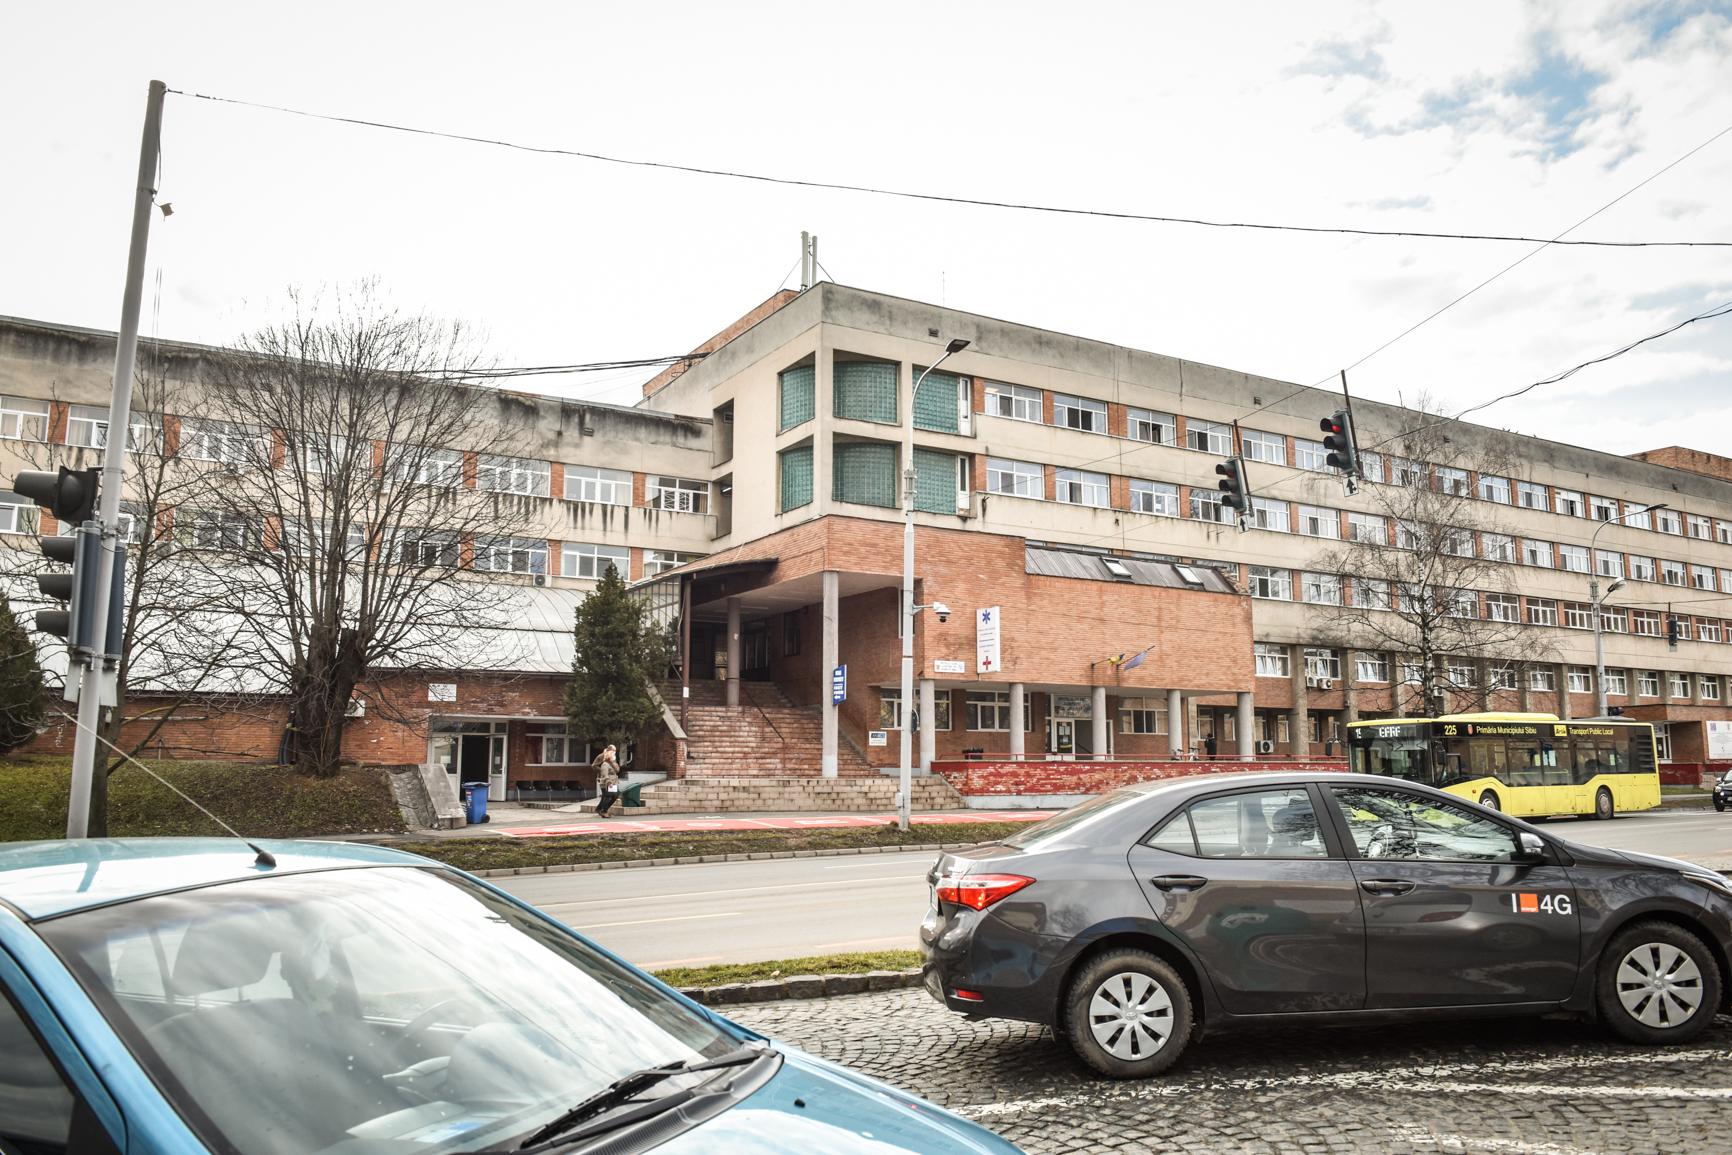 De la începutul pandemiei şi până în prezent, 180 de angajaţi ai Spitalului Județean au ales să doarmă la hotel